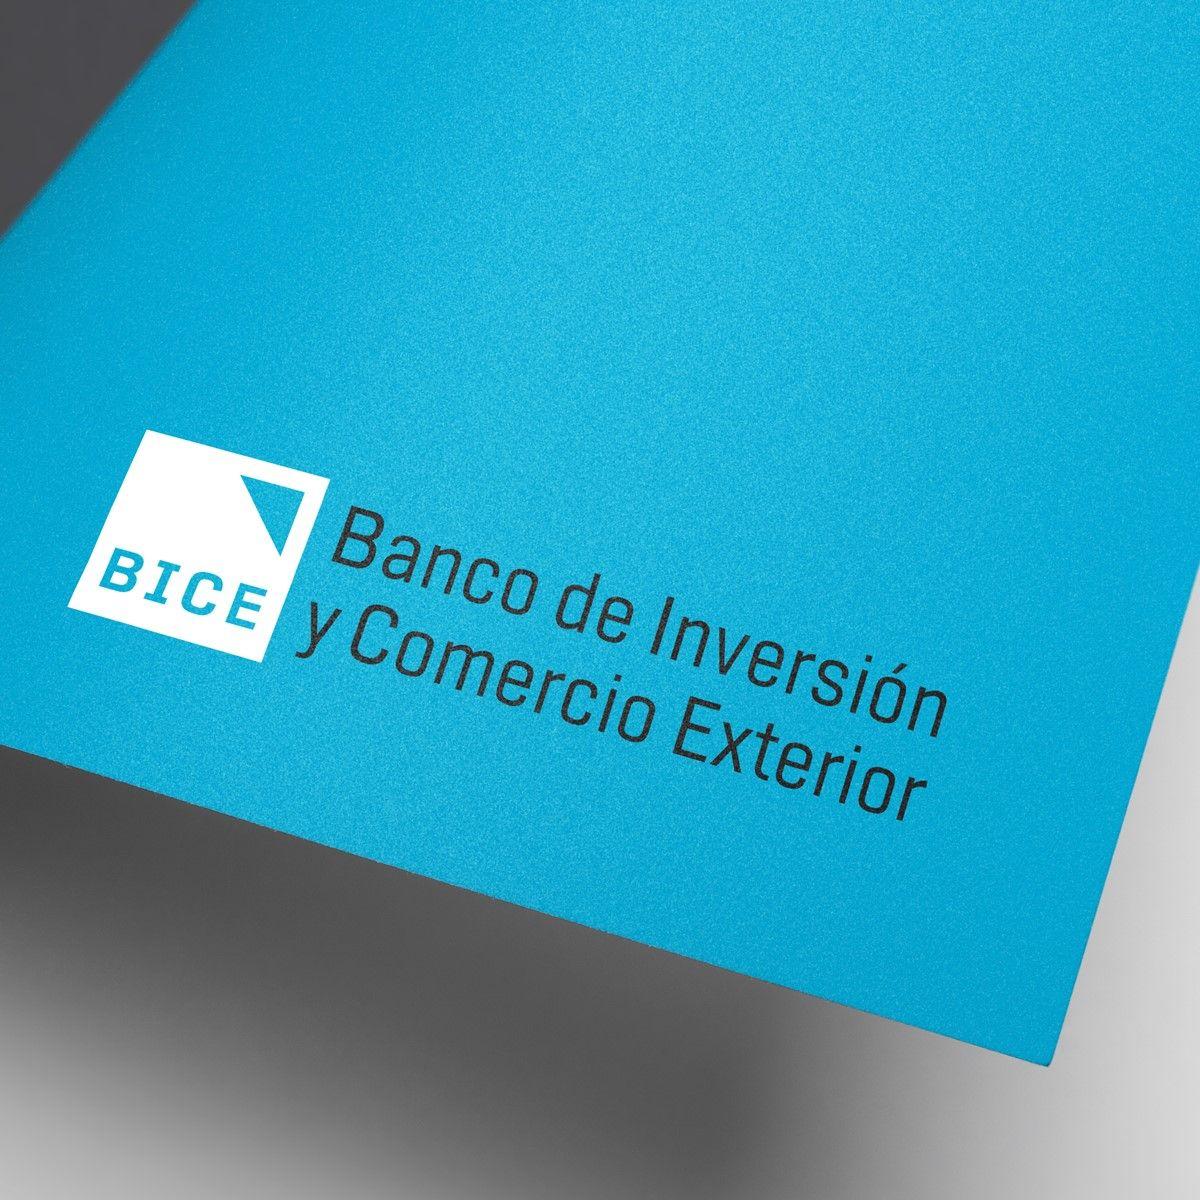 Pin De Fontanadiseno En Bice Inversion